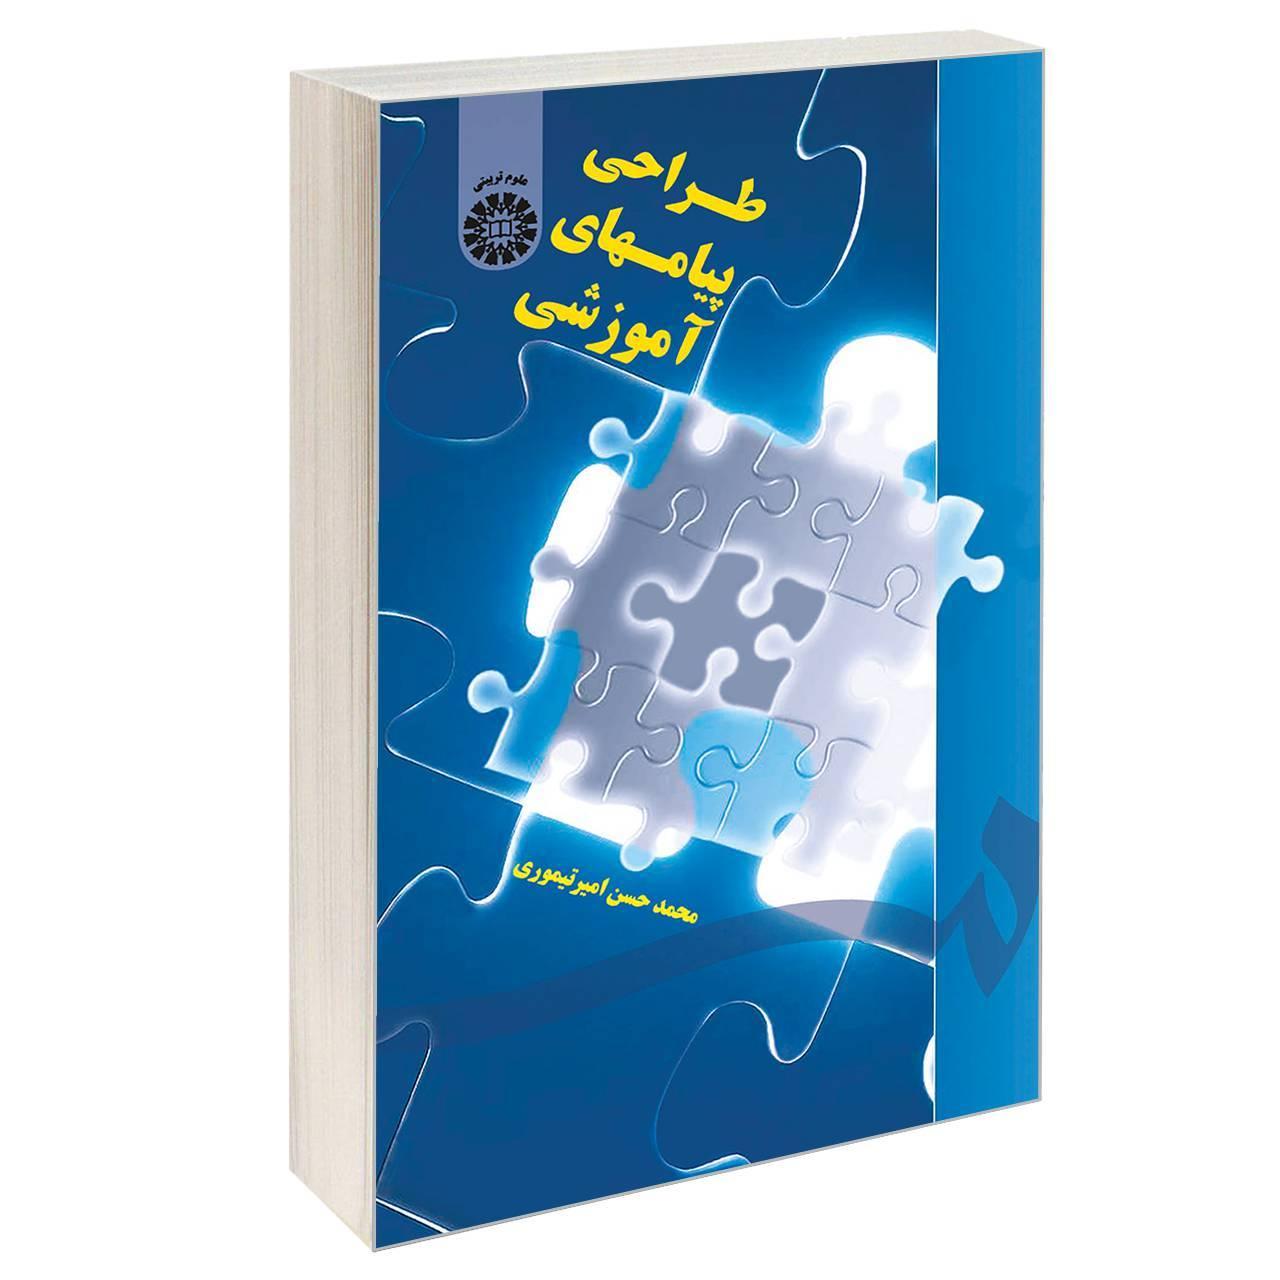 کتاب طراحی پیامهای آموزشی اثر محمدحسن امیرتیموری نشر سمت